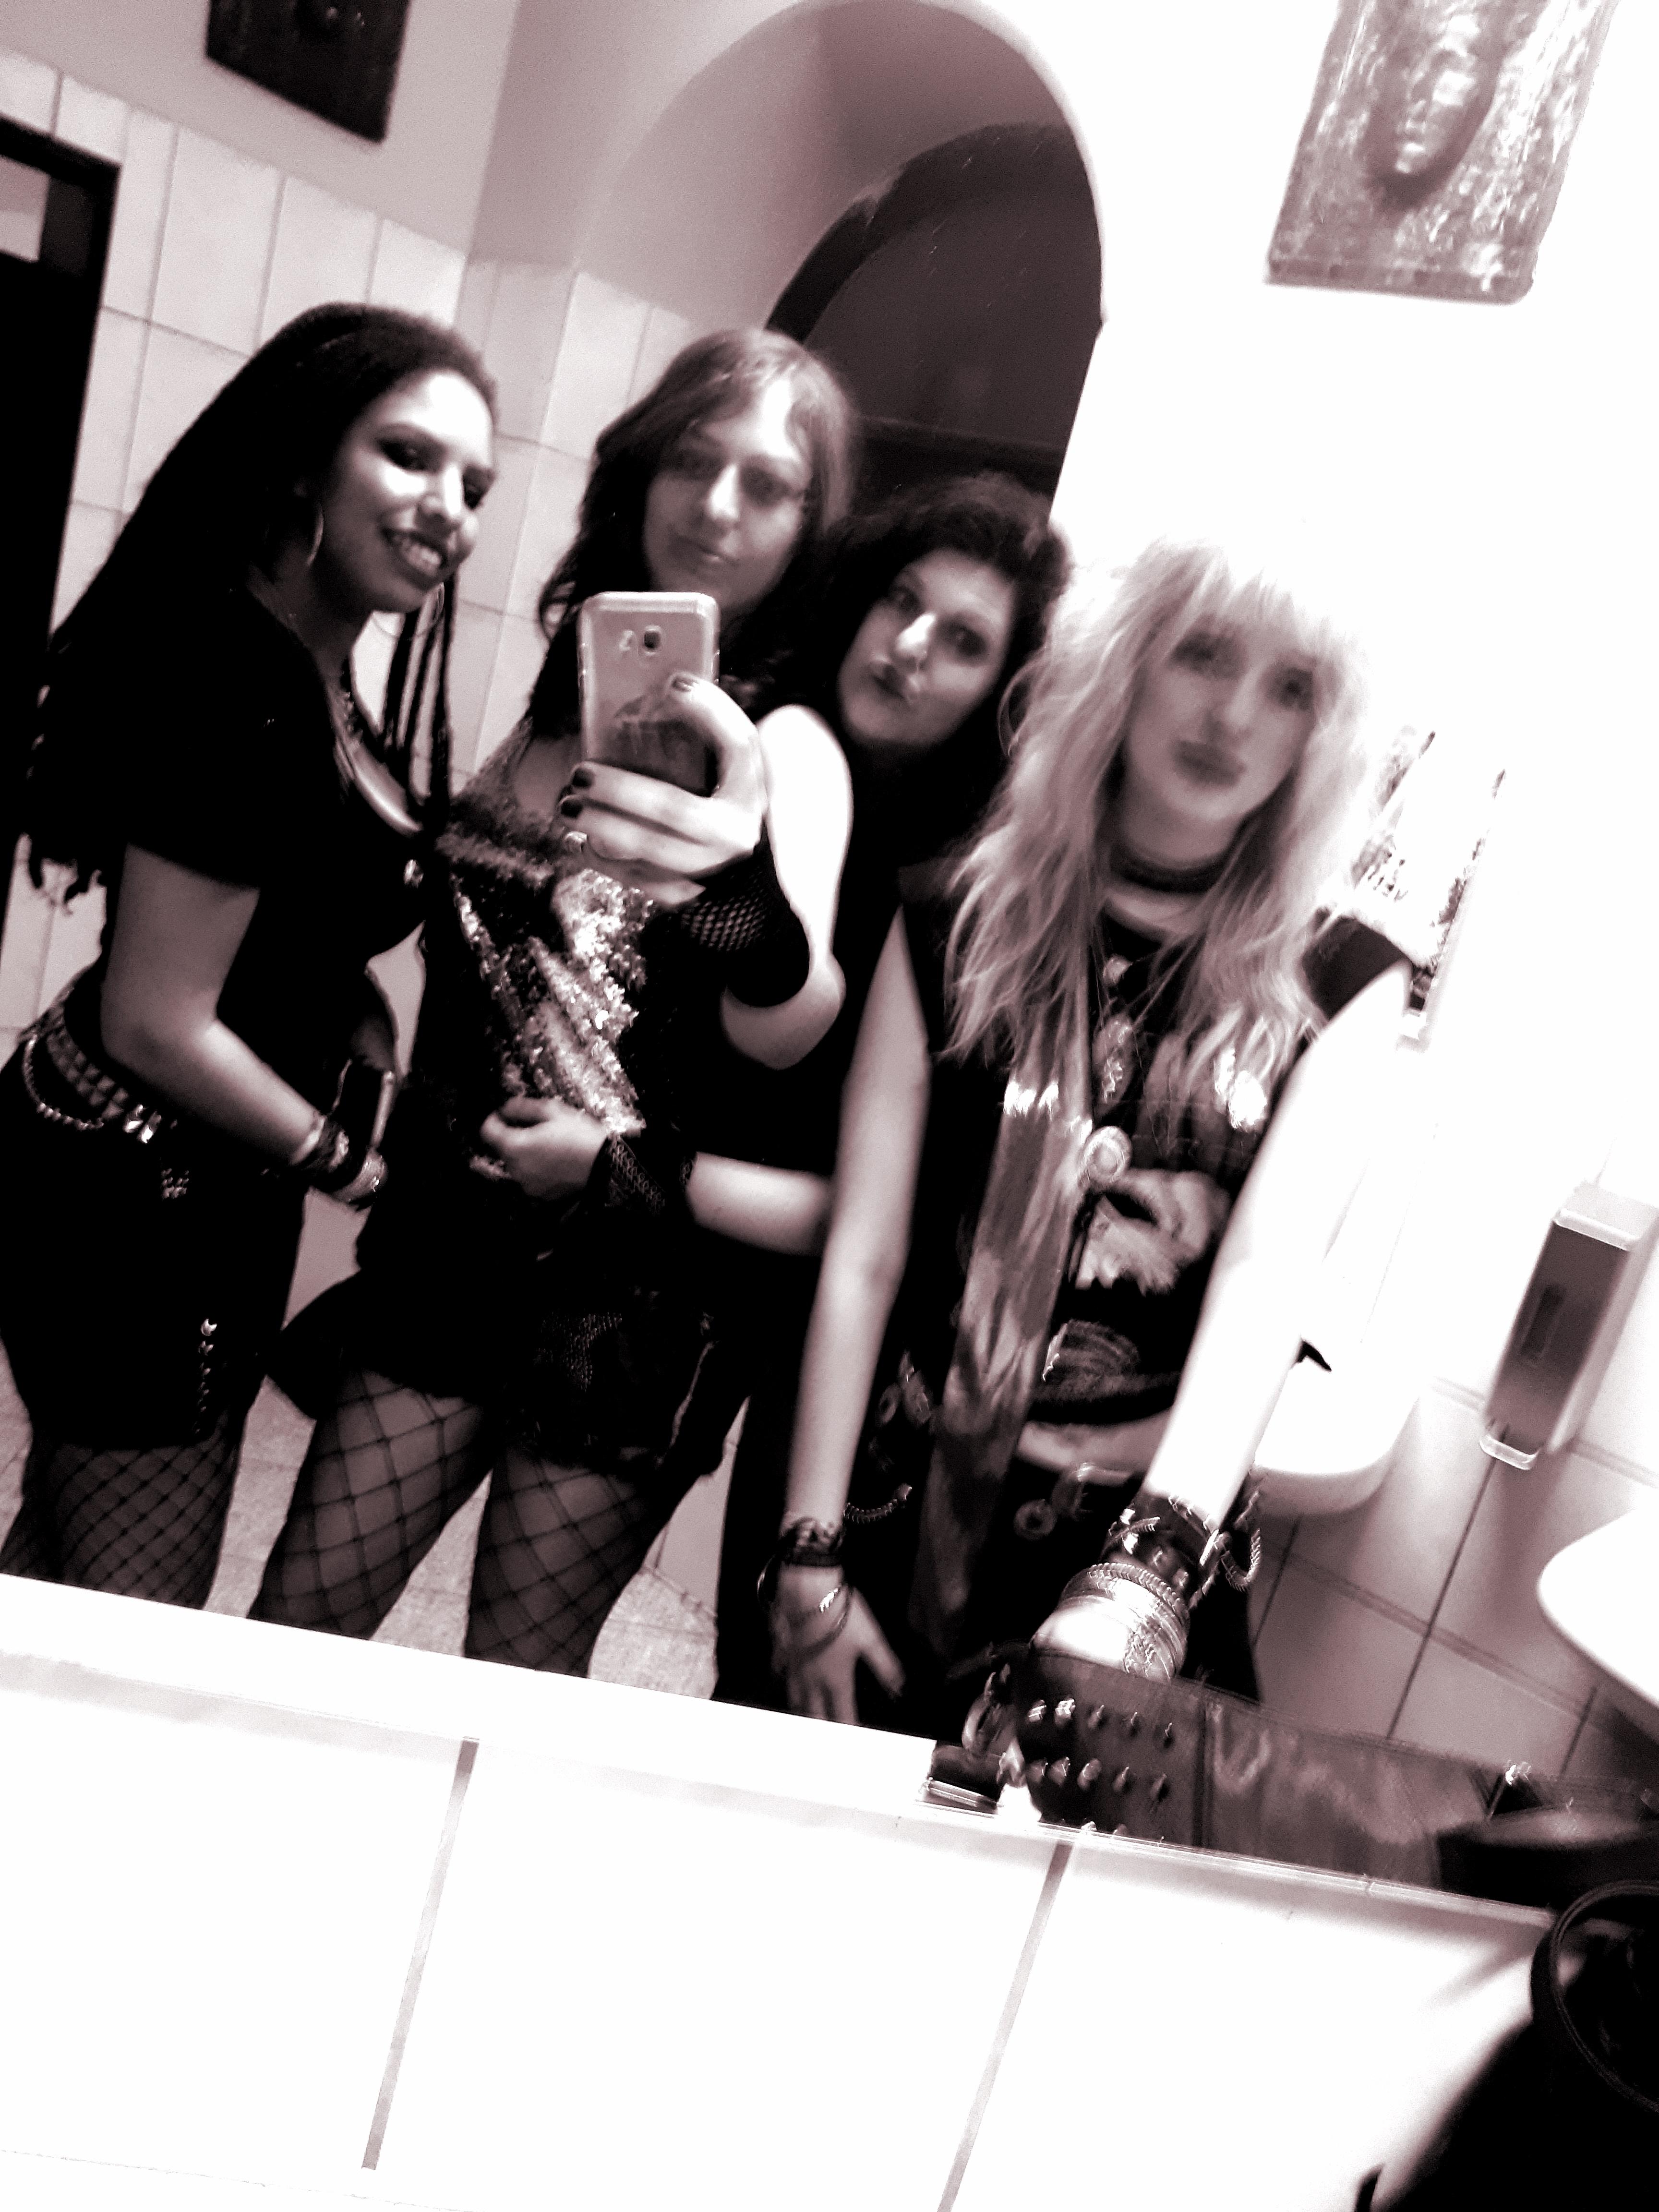 Sleazefest_girls